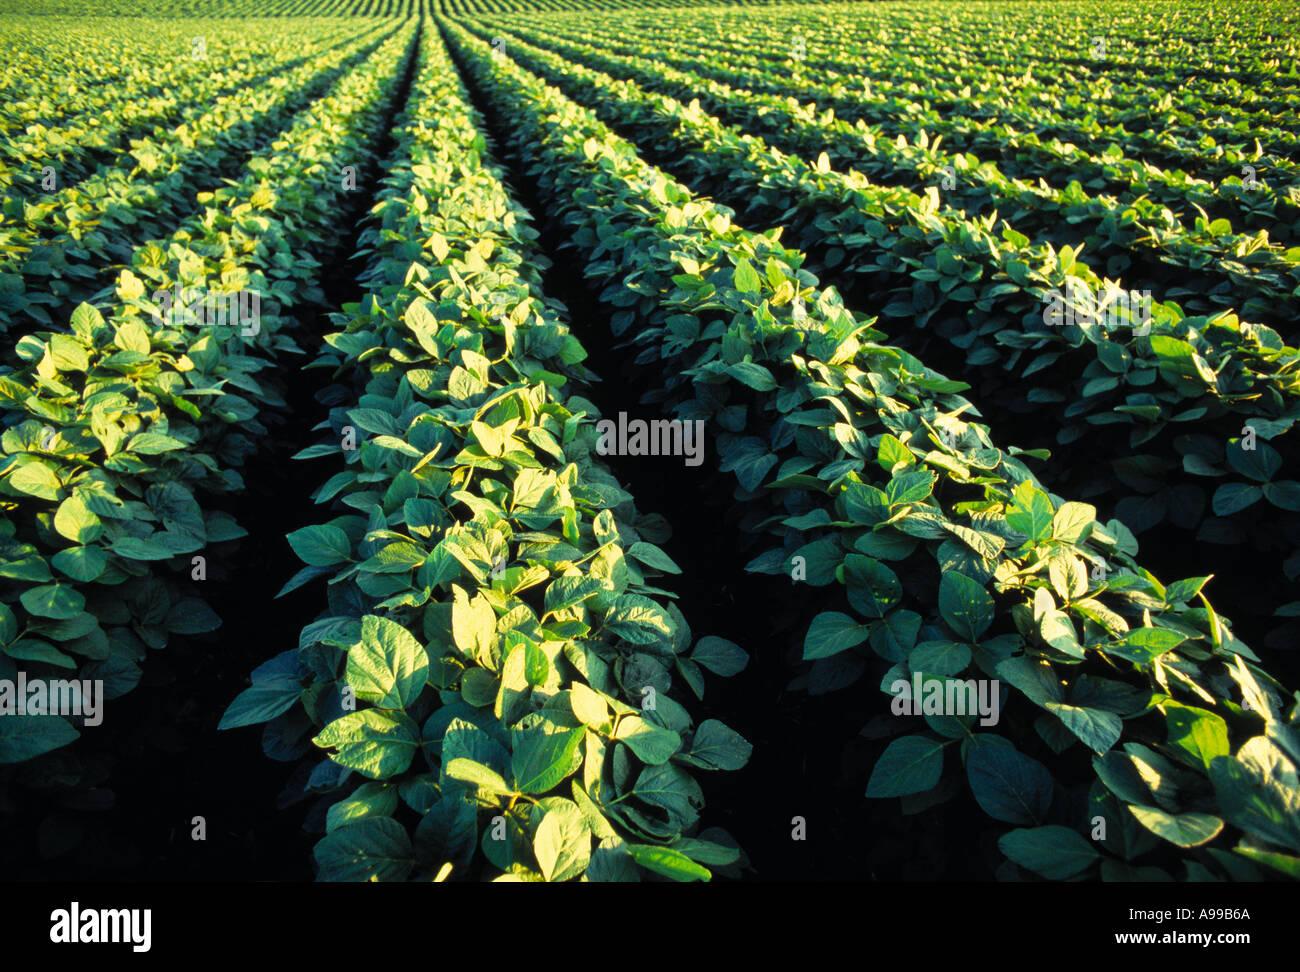 La croissance de l'Agriculture - Milieu / champ de soja en Iowa, États-Unis. Photo Stock